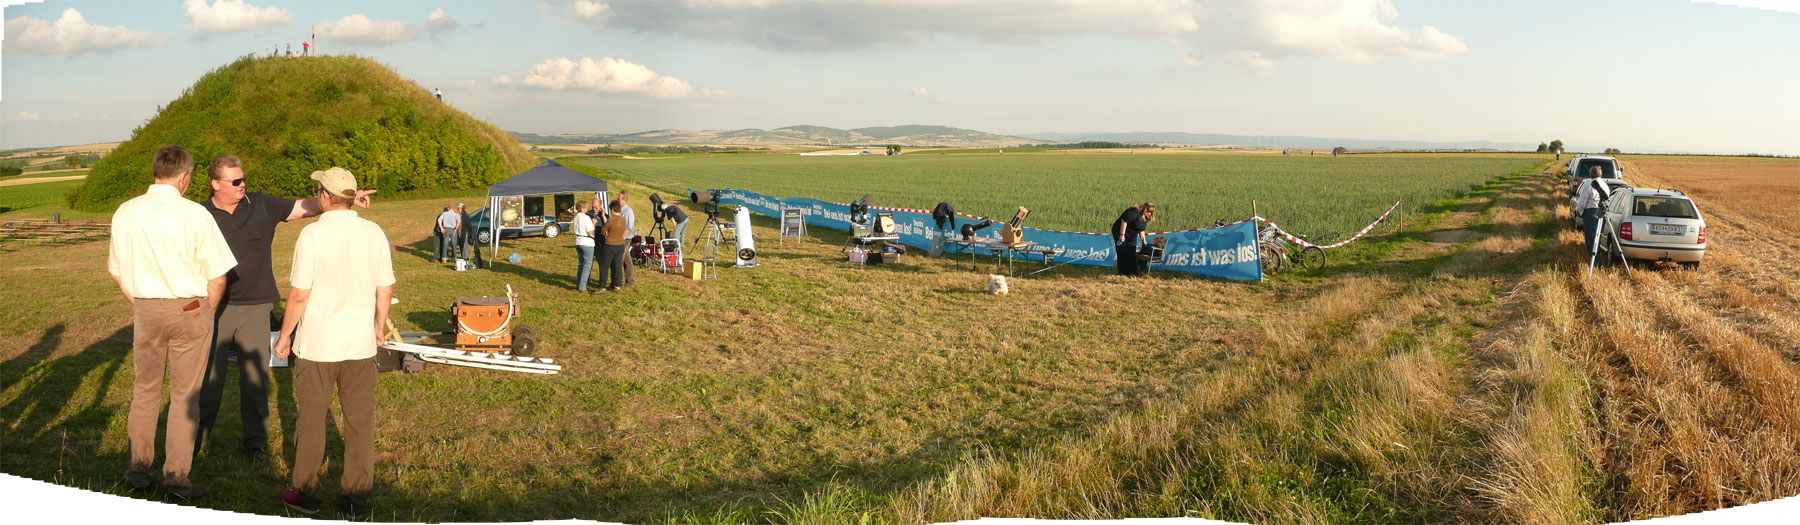 Aufbau: Panoramablick über das Gelände